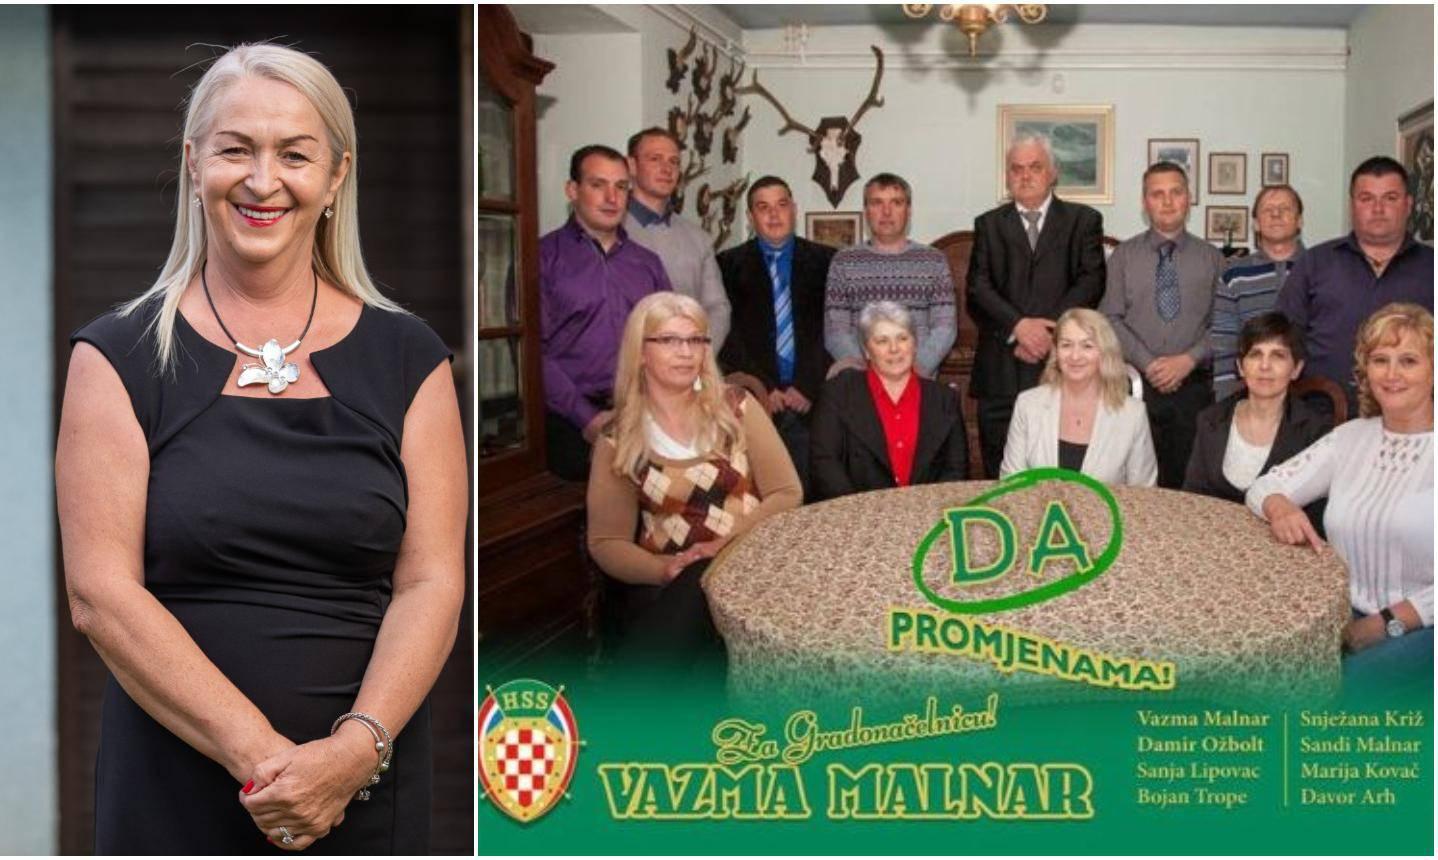 Političarka kuha u 'Večeri za 5', procurili detalji showa: Nije u dobrim odnosima sa susjedom